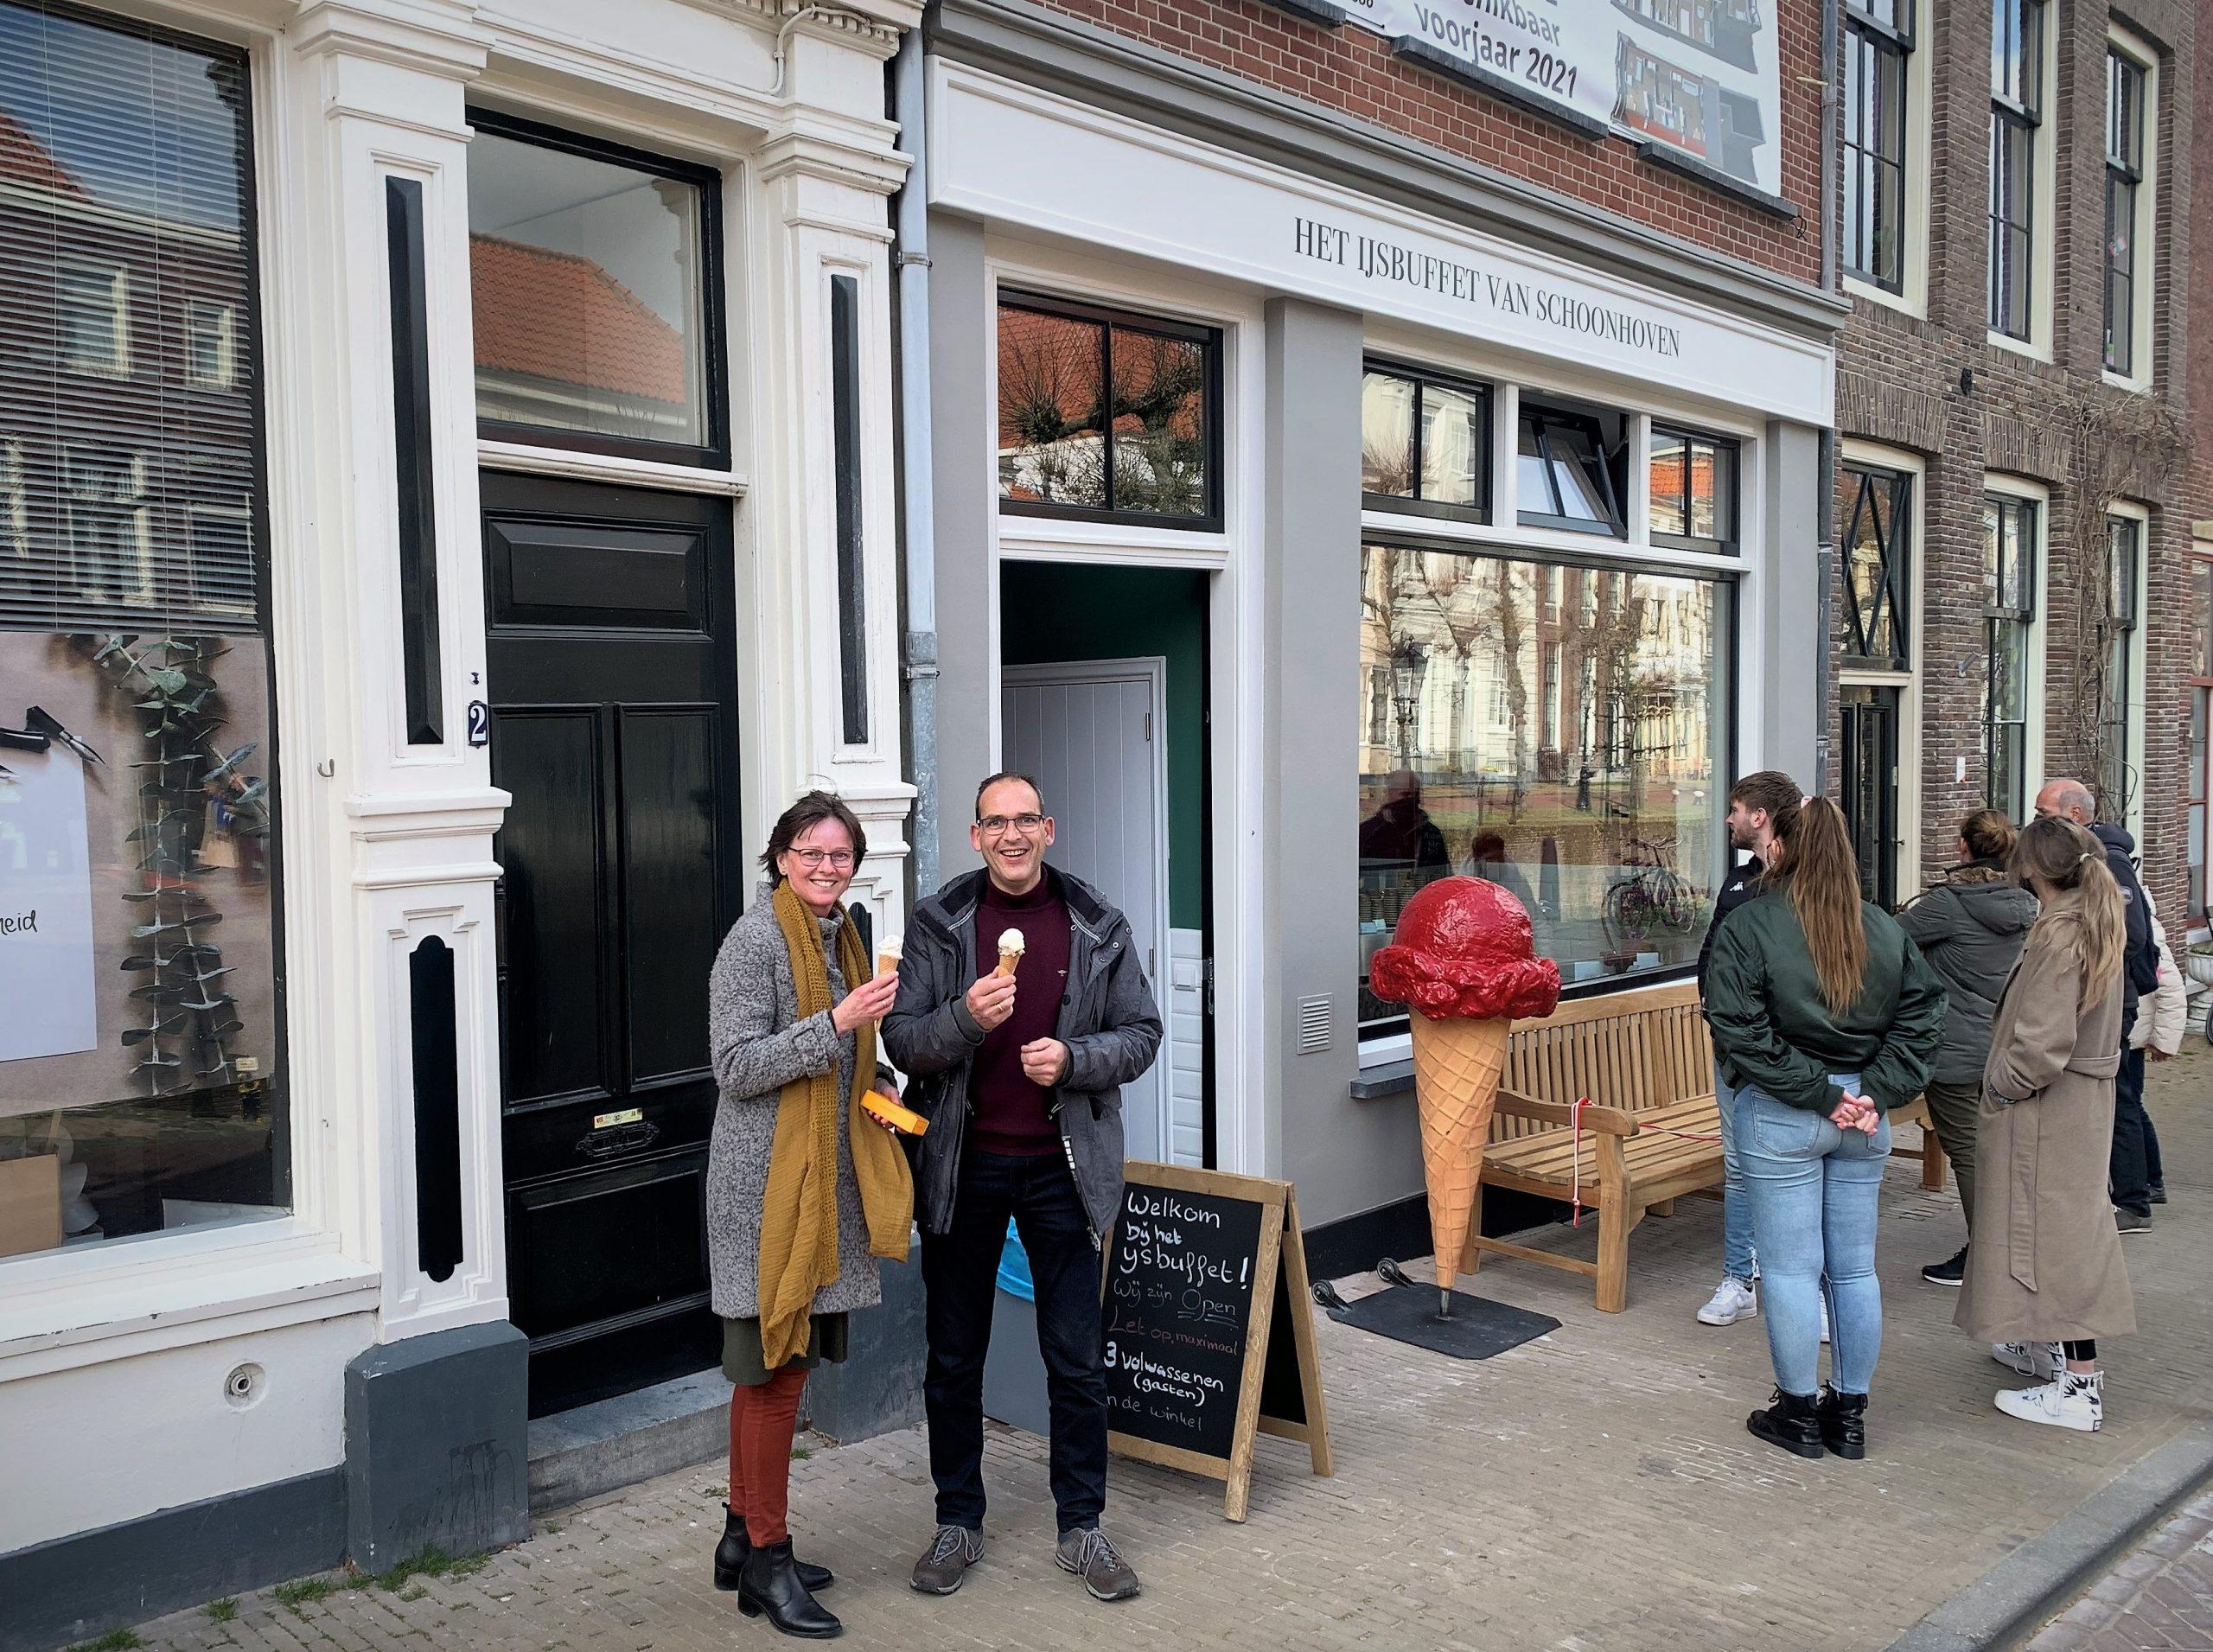 Droomstart voor 'Het IJsbuffet van Schoonhoven'